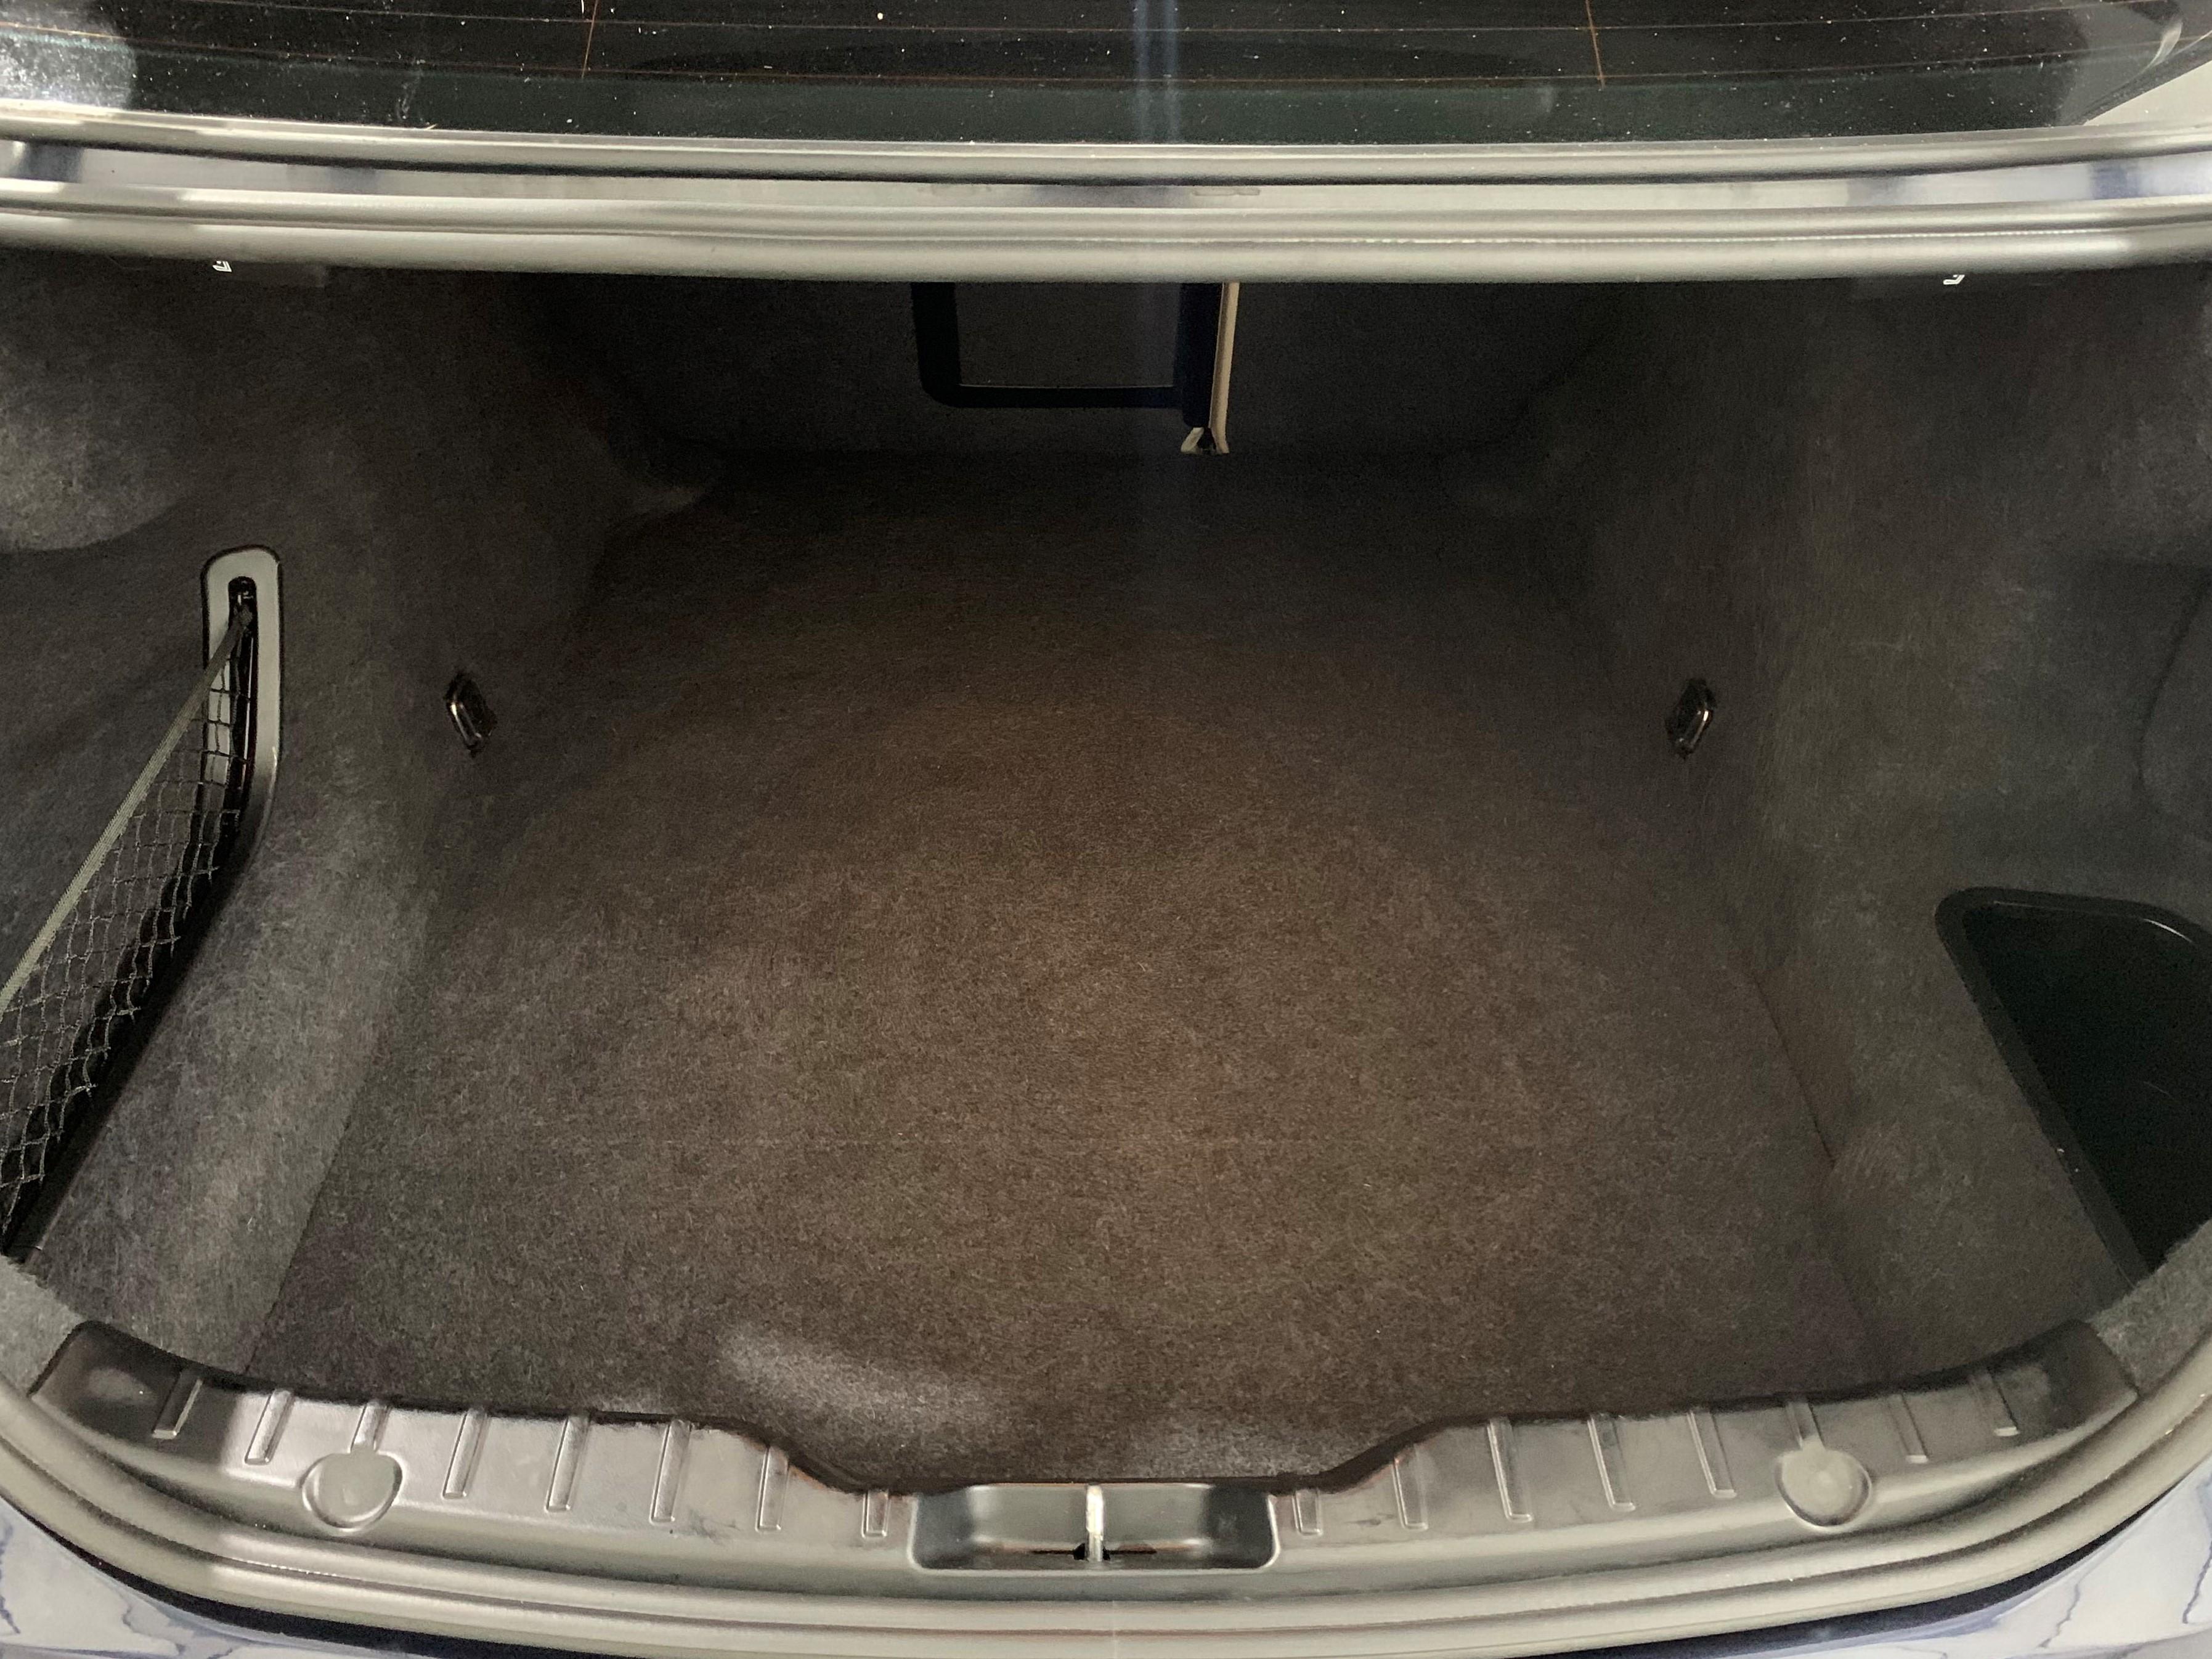 BMW F10 bagāžas nodalījums pēc salona ķīmiskās tīrīšanas